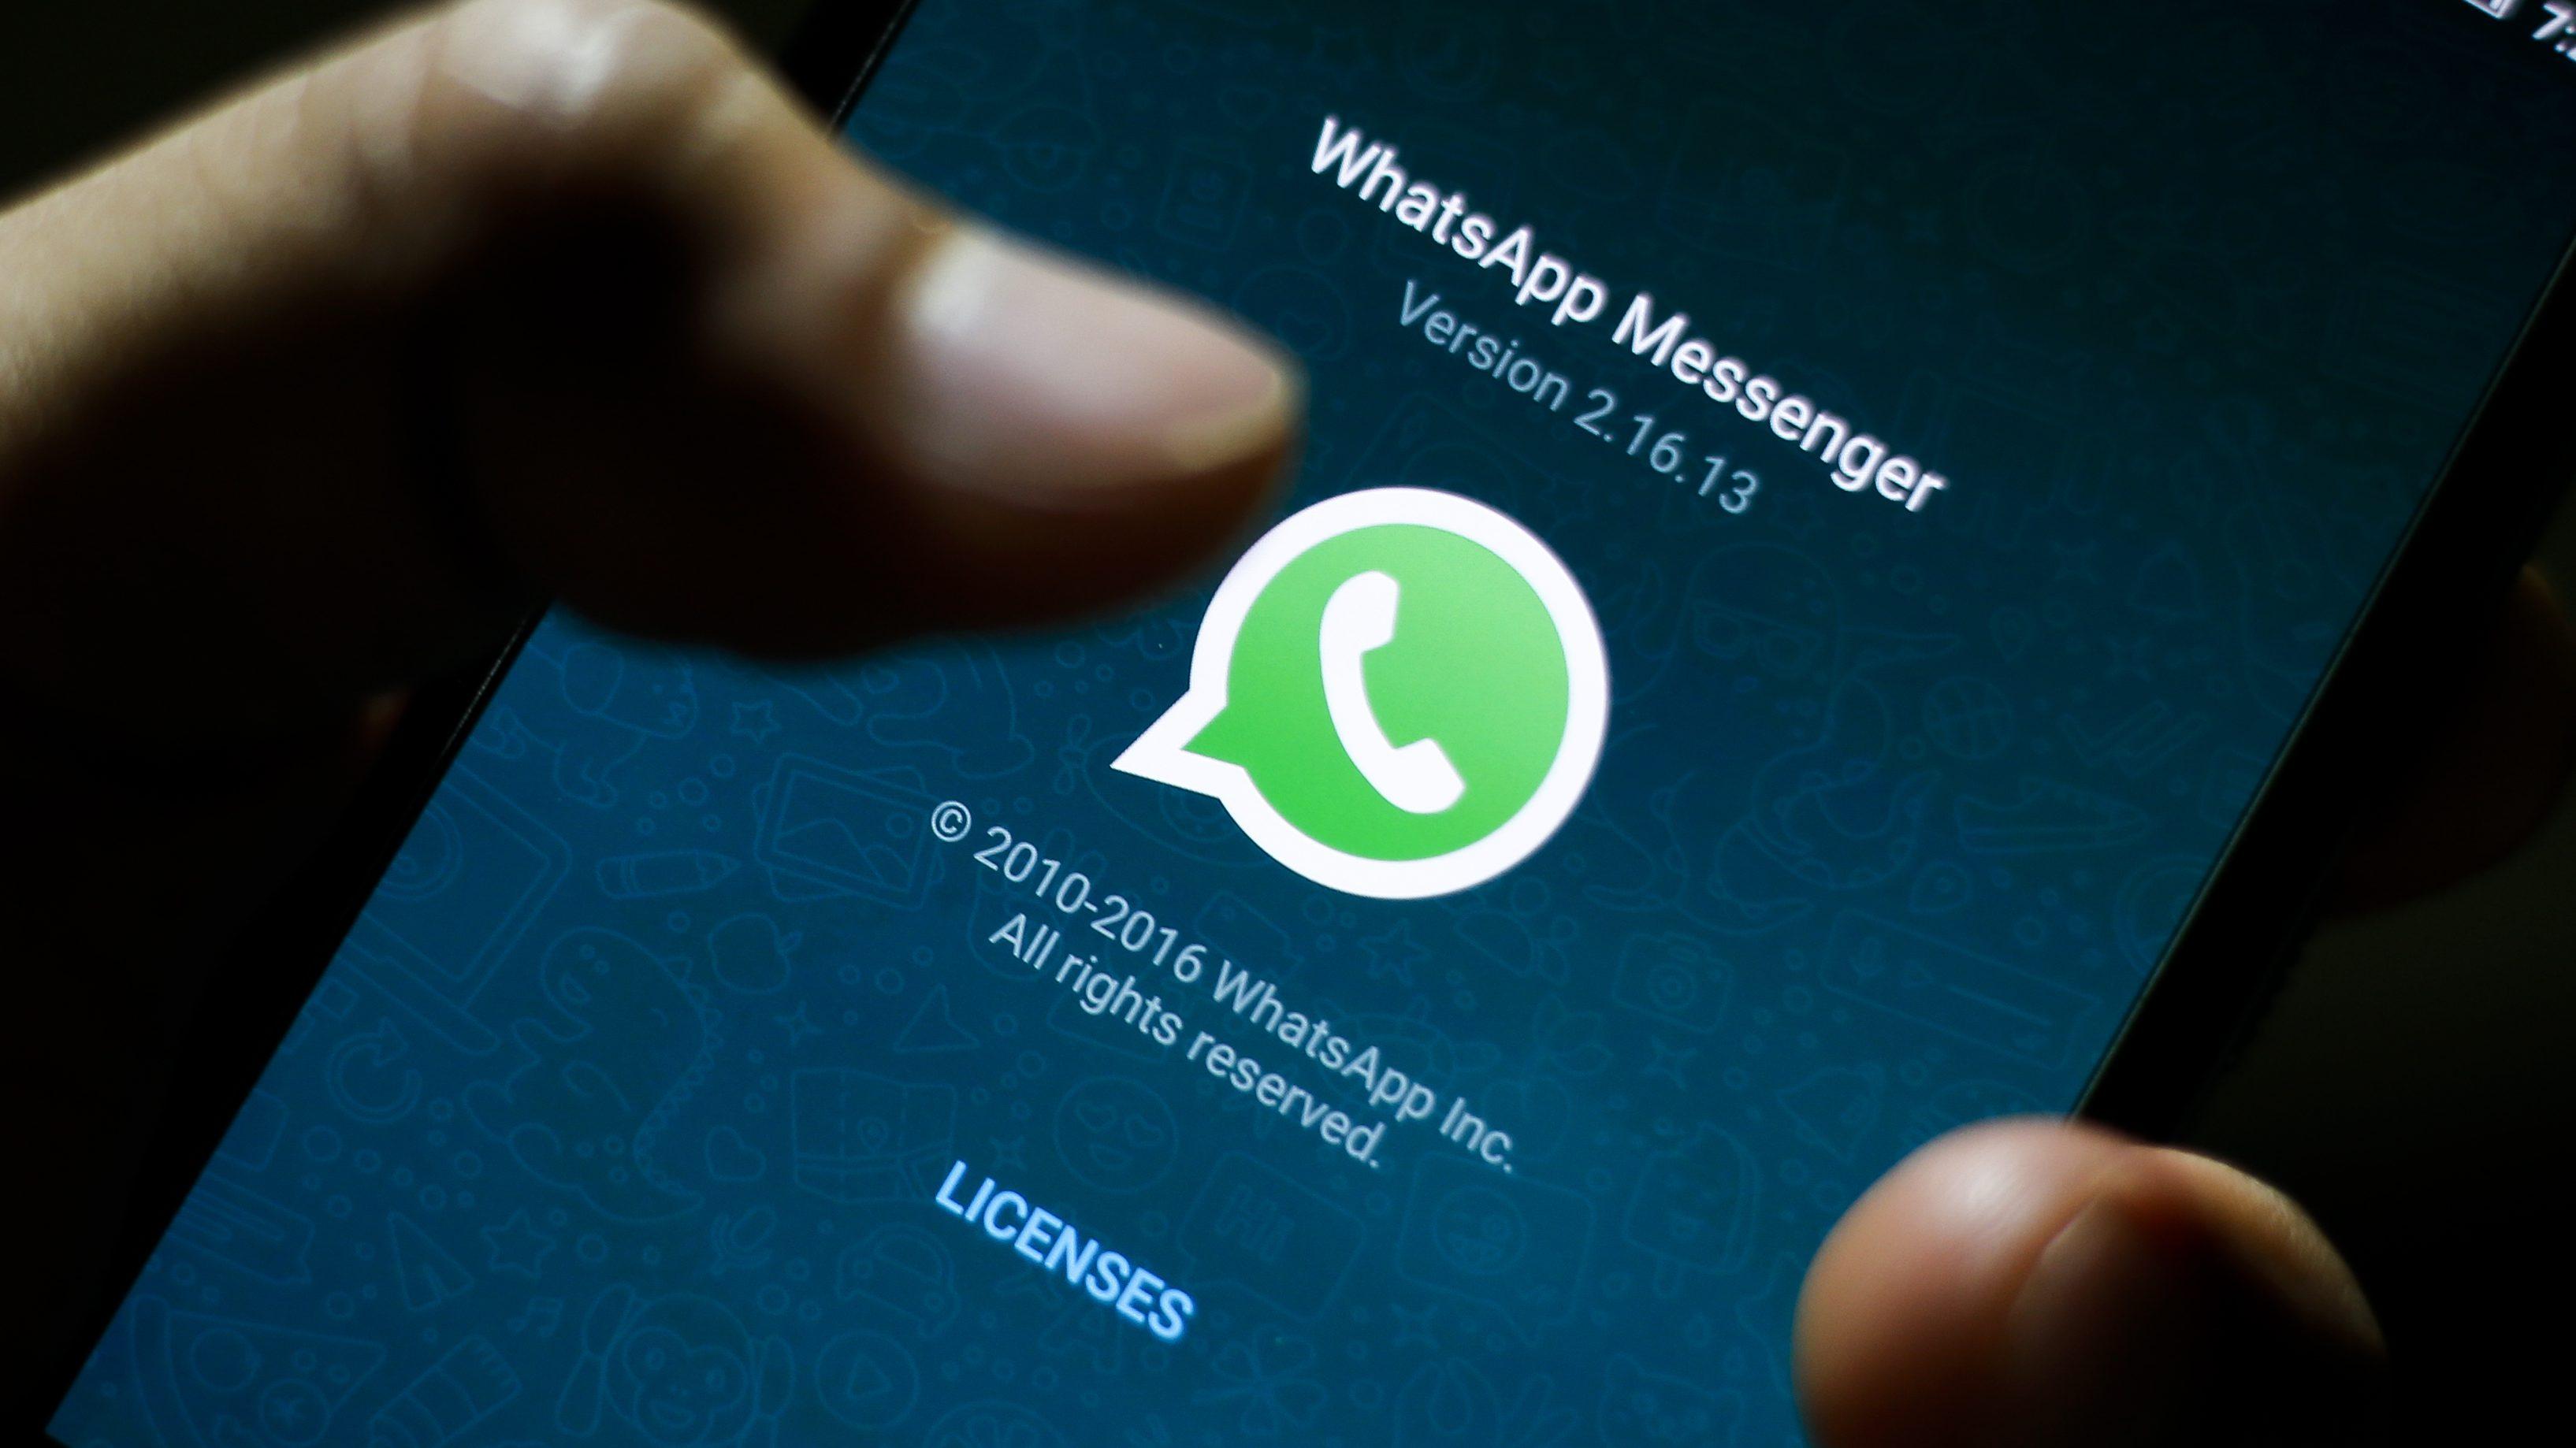 Online messaging applications WhatsApp